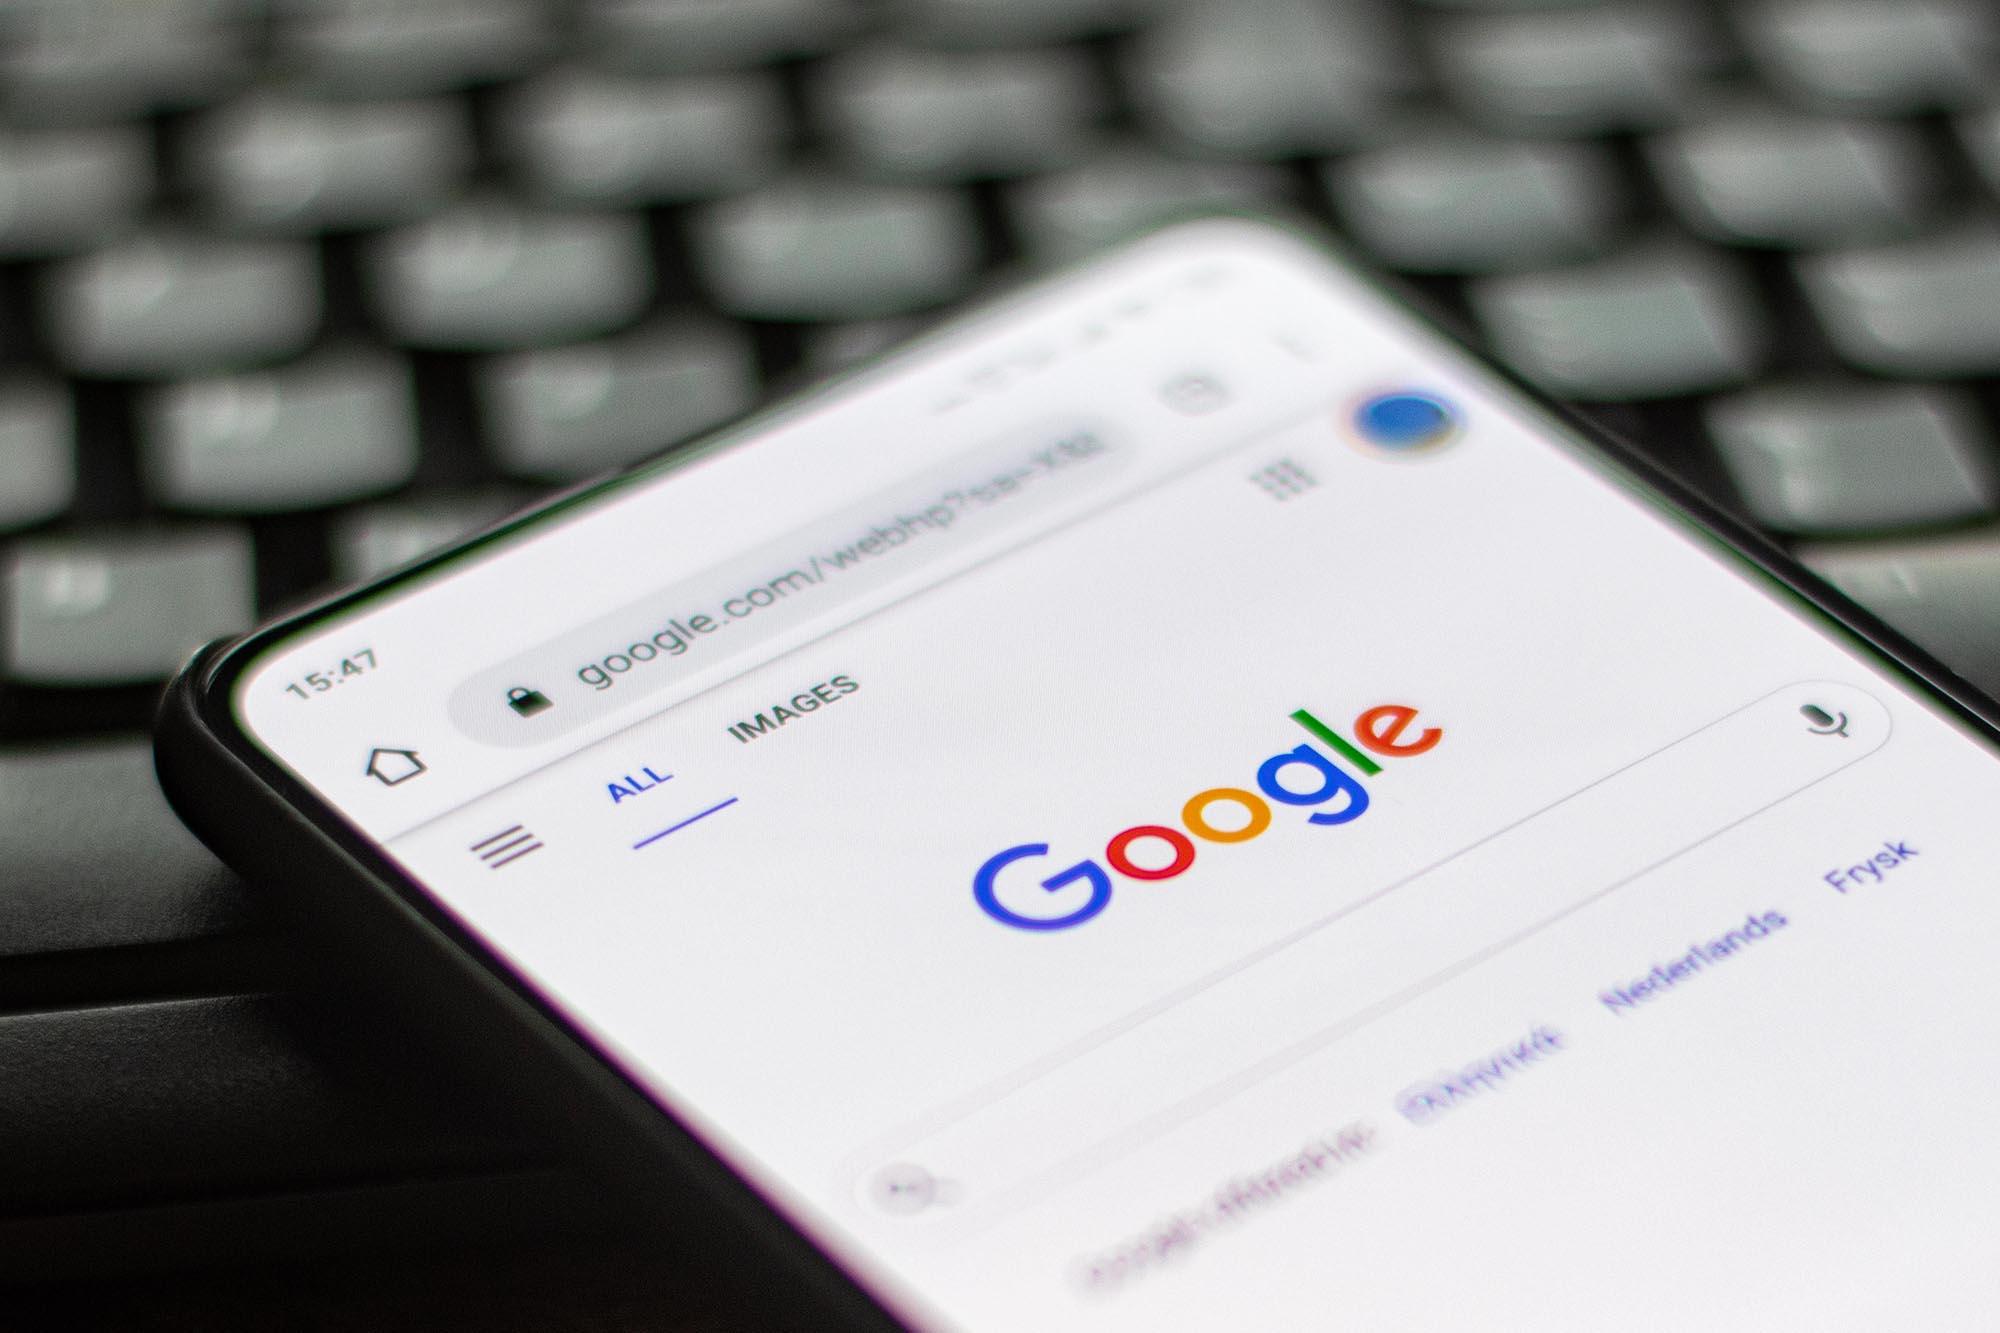 گوگل استرالیا را به قطع خدمات موتور جستجو تهدید کرد